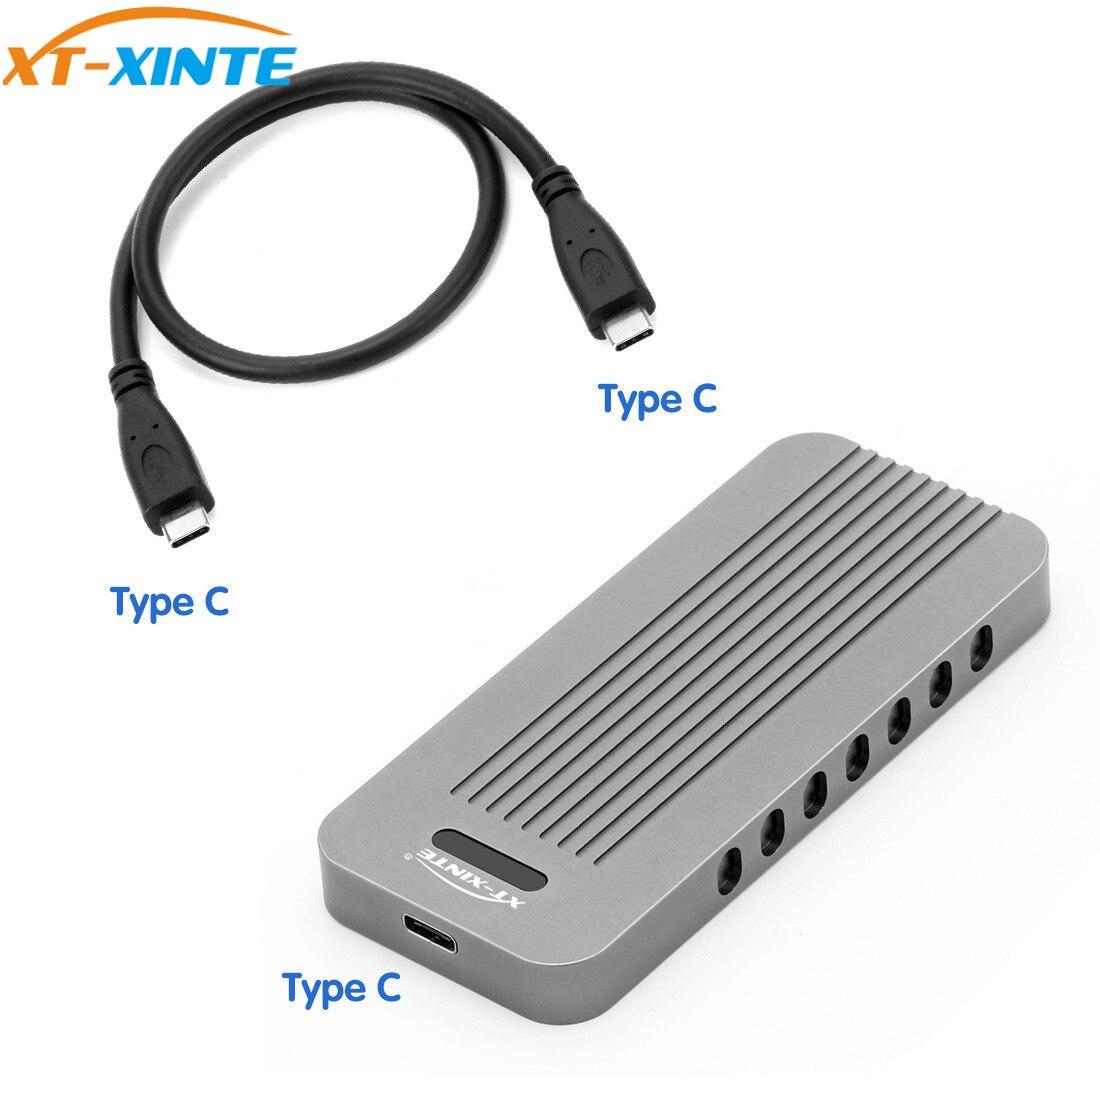 Externe en métal M.2 à 10gbps USB 3.1 Type C NVMe PCIe 3.0 SSD Boîtier Touche M NGFF USB3.1 Boitier HDD C à C Adaptateur